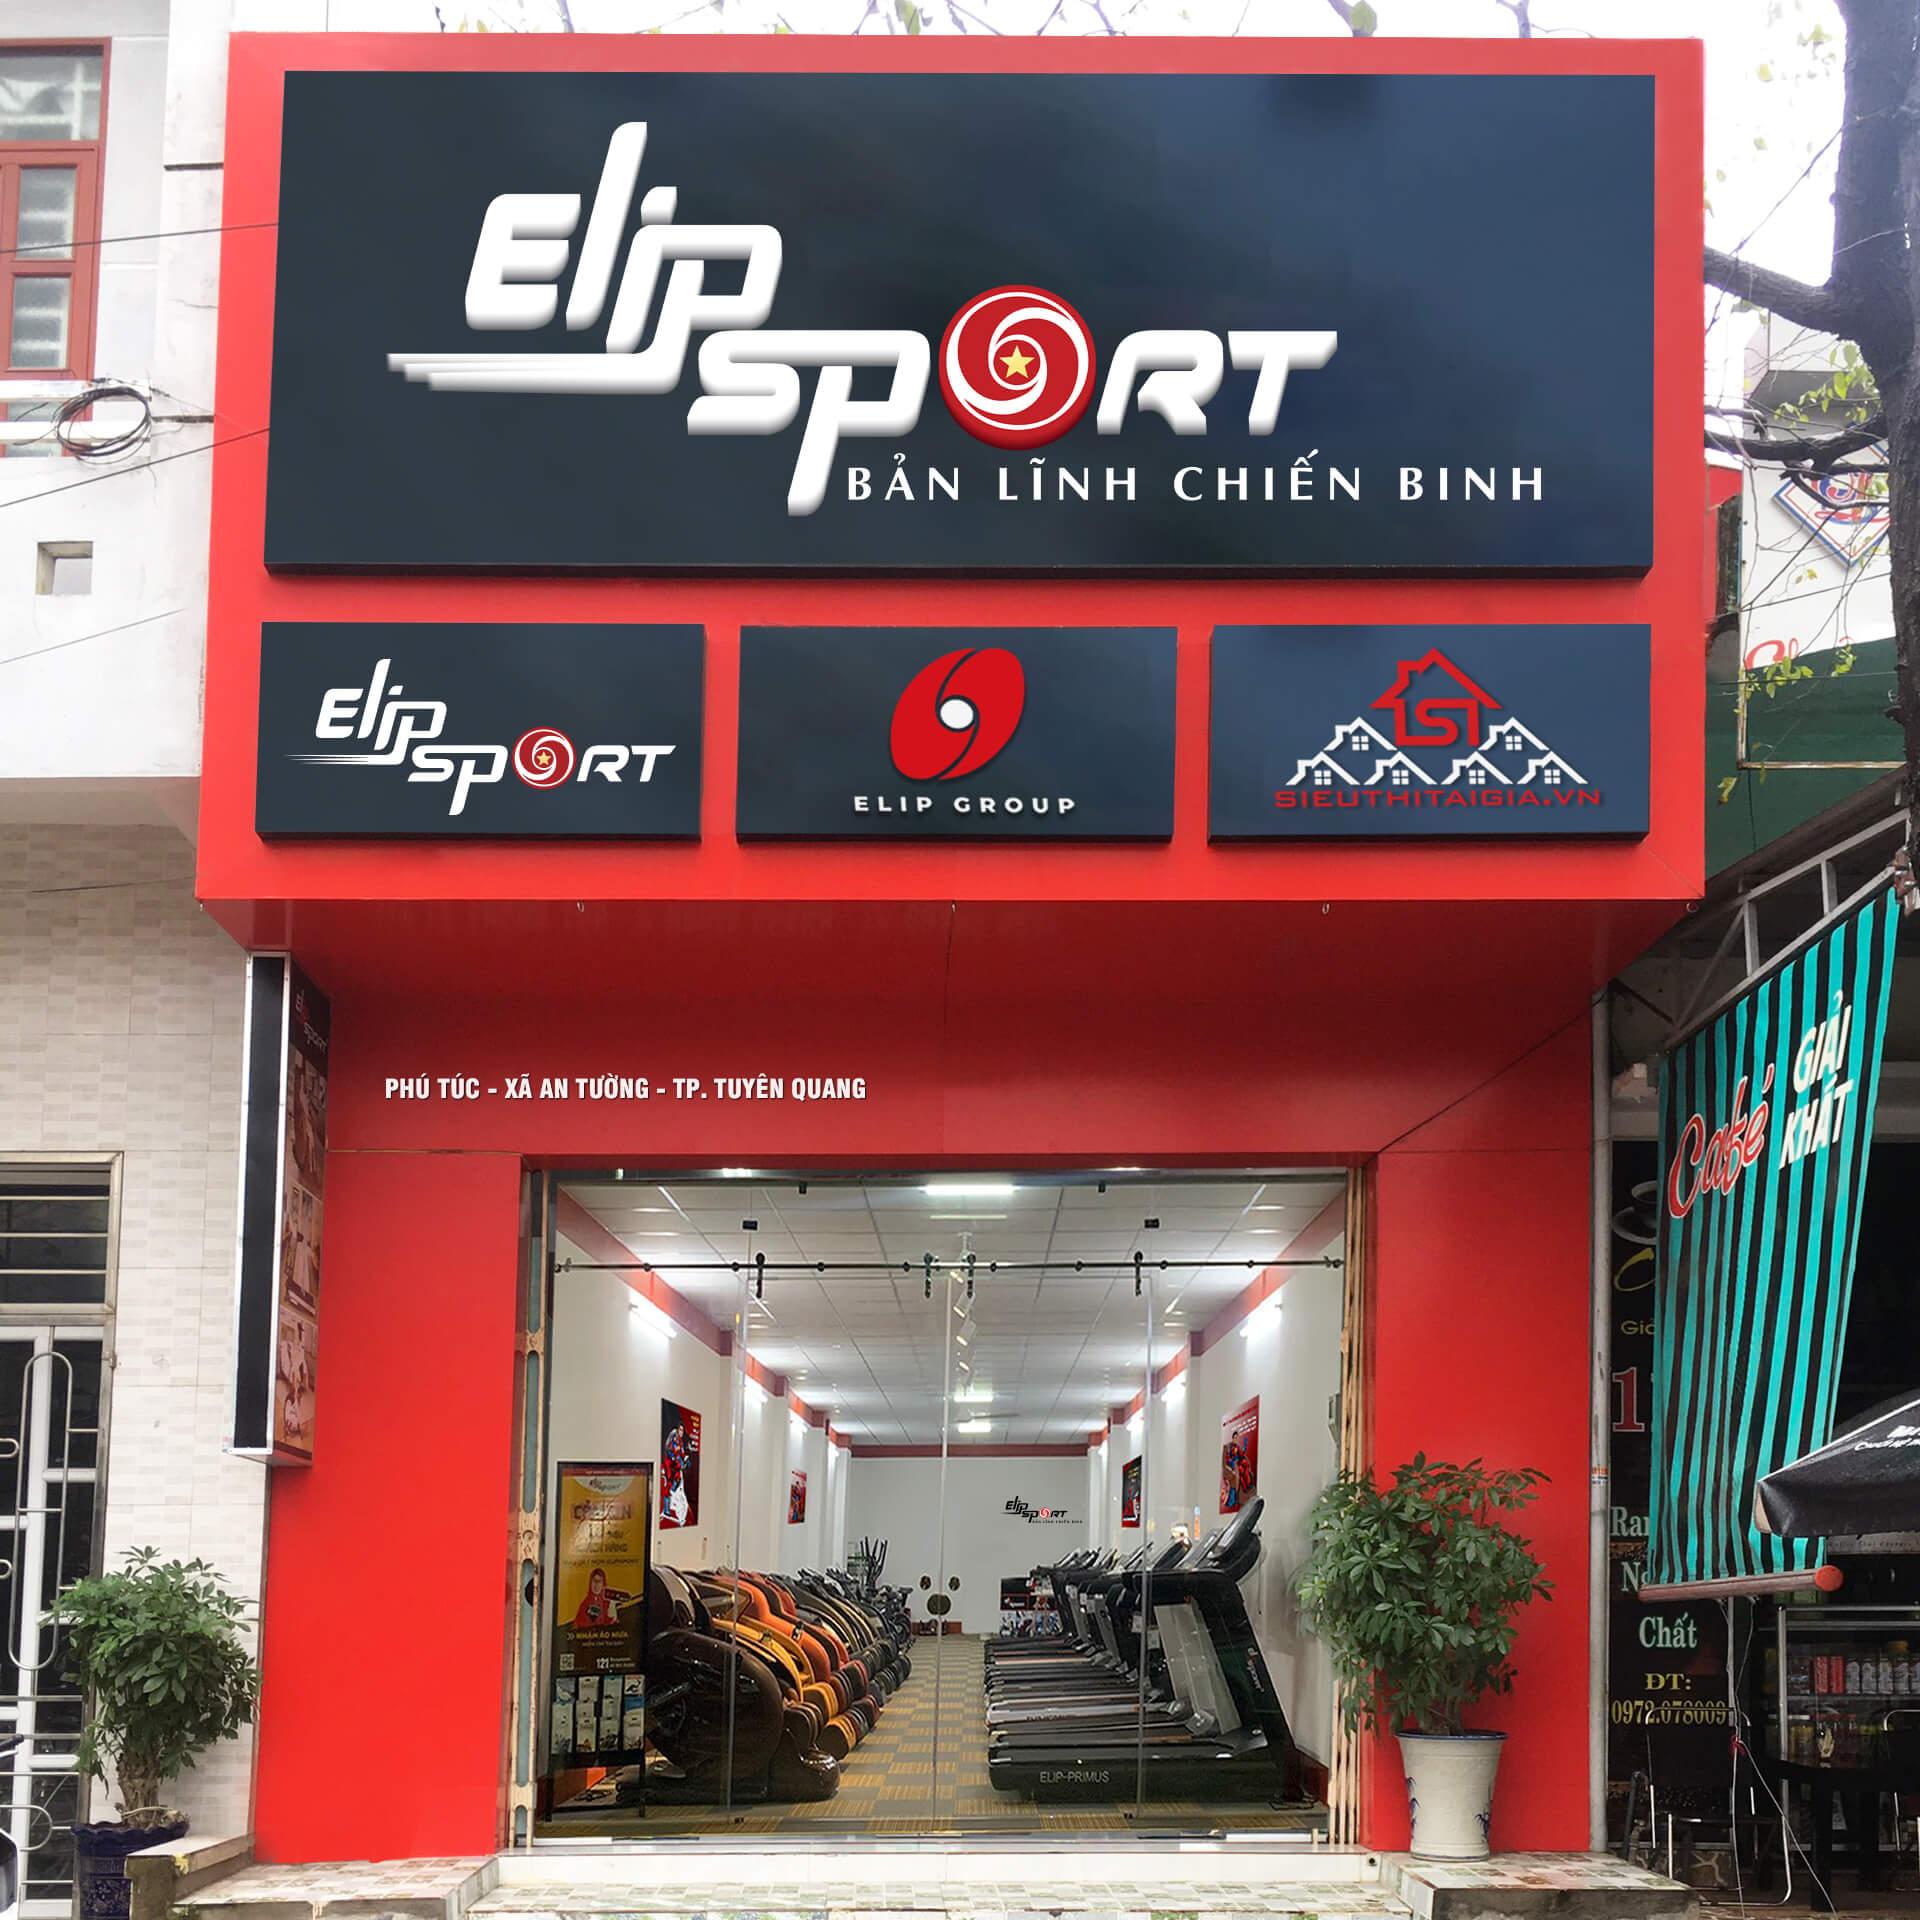 Hình ảnh của chi nhánh Elipsport Tuyên Quang